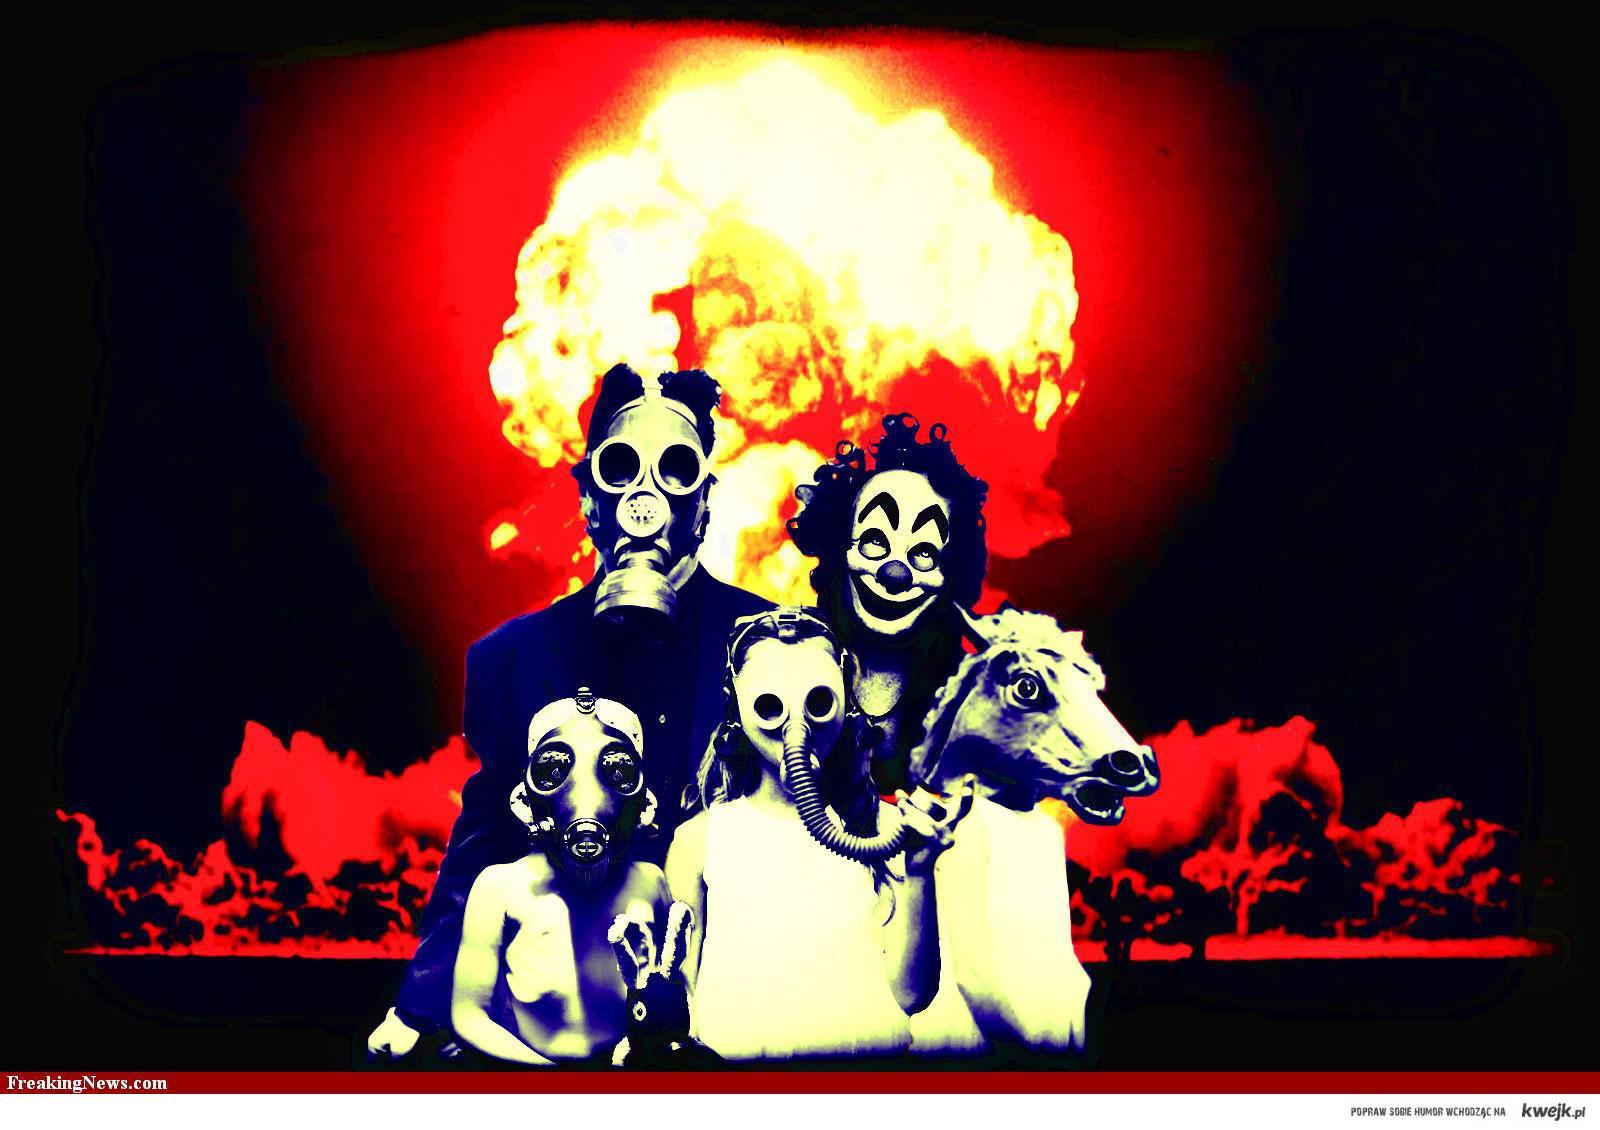 <Nuclear family> - Rodzina jako podstawowa komórka społeczna